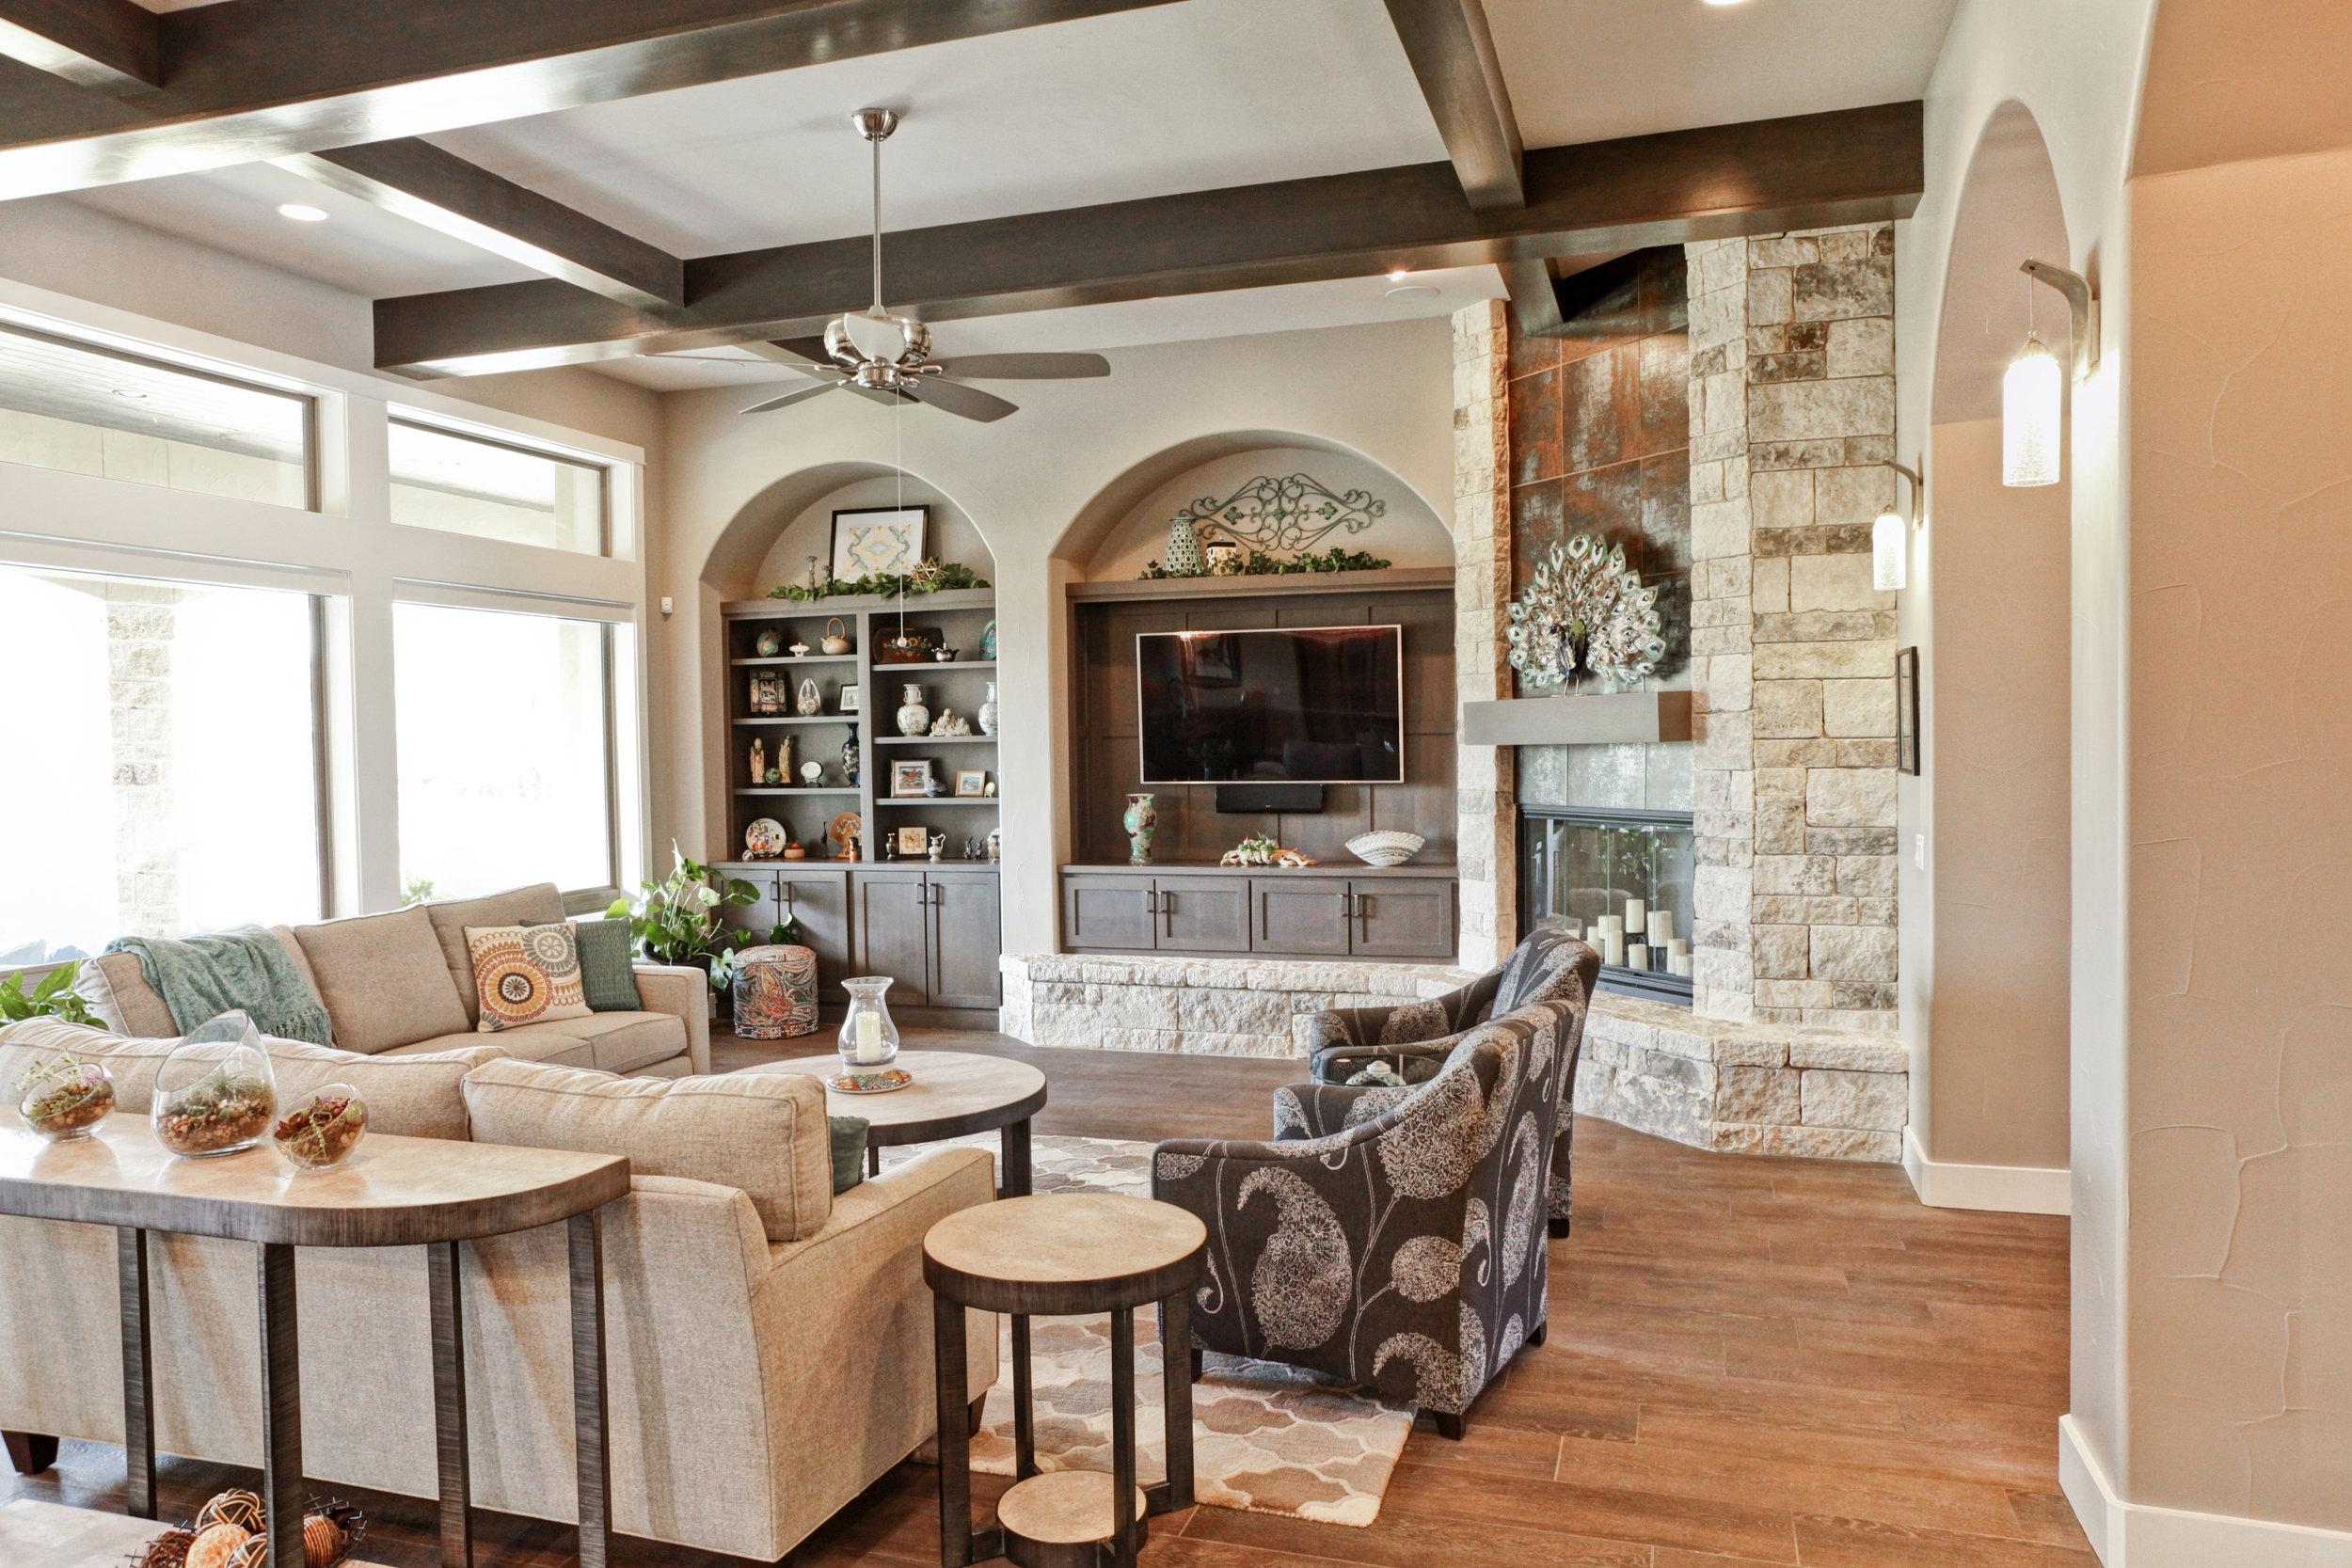 12-living room - 3.jpg